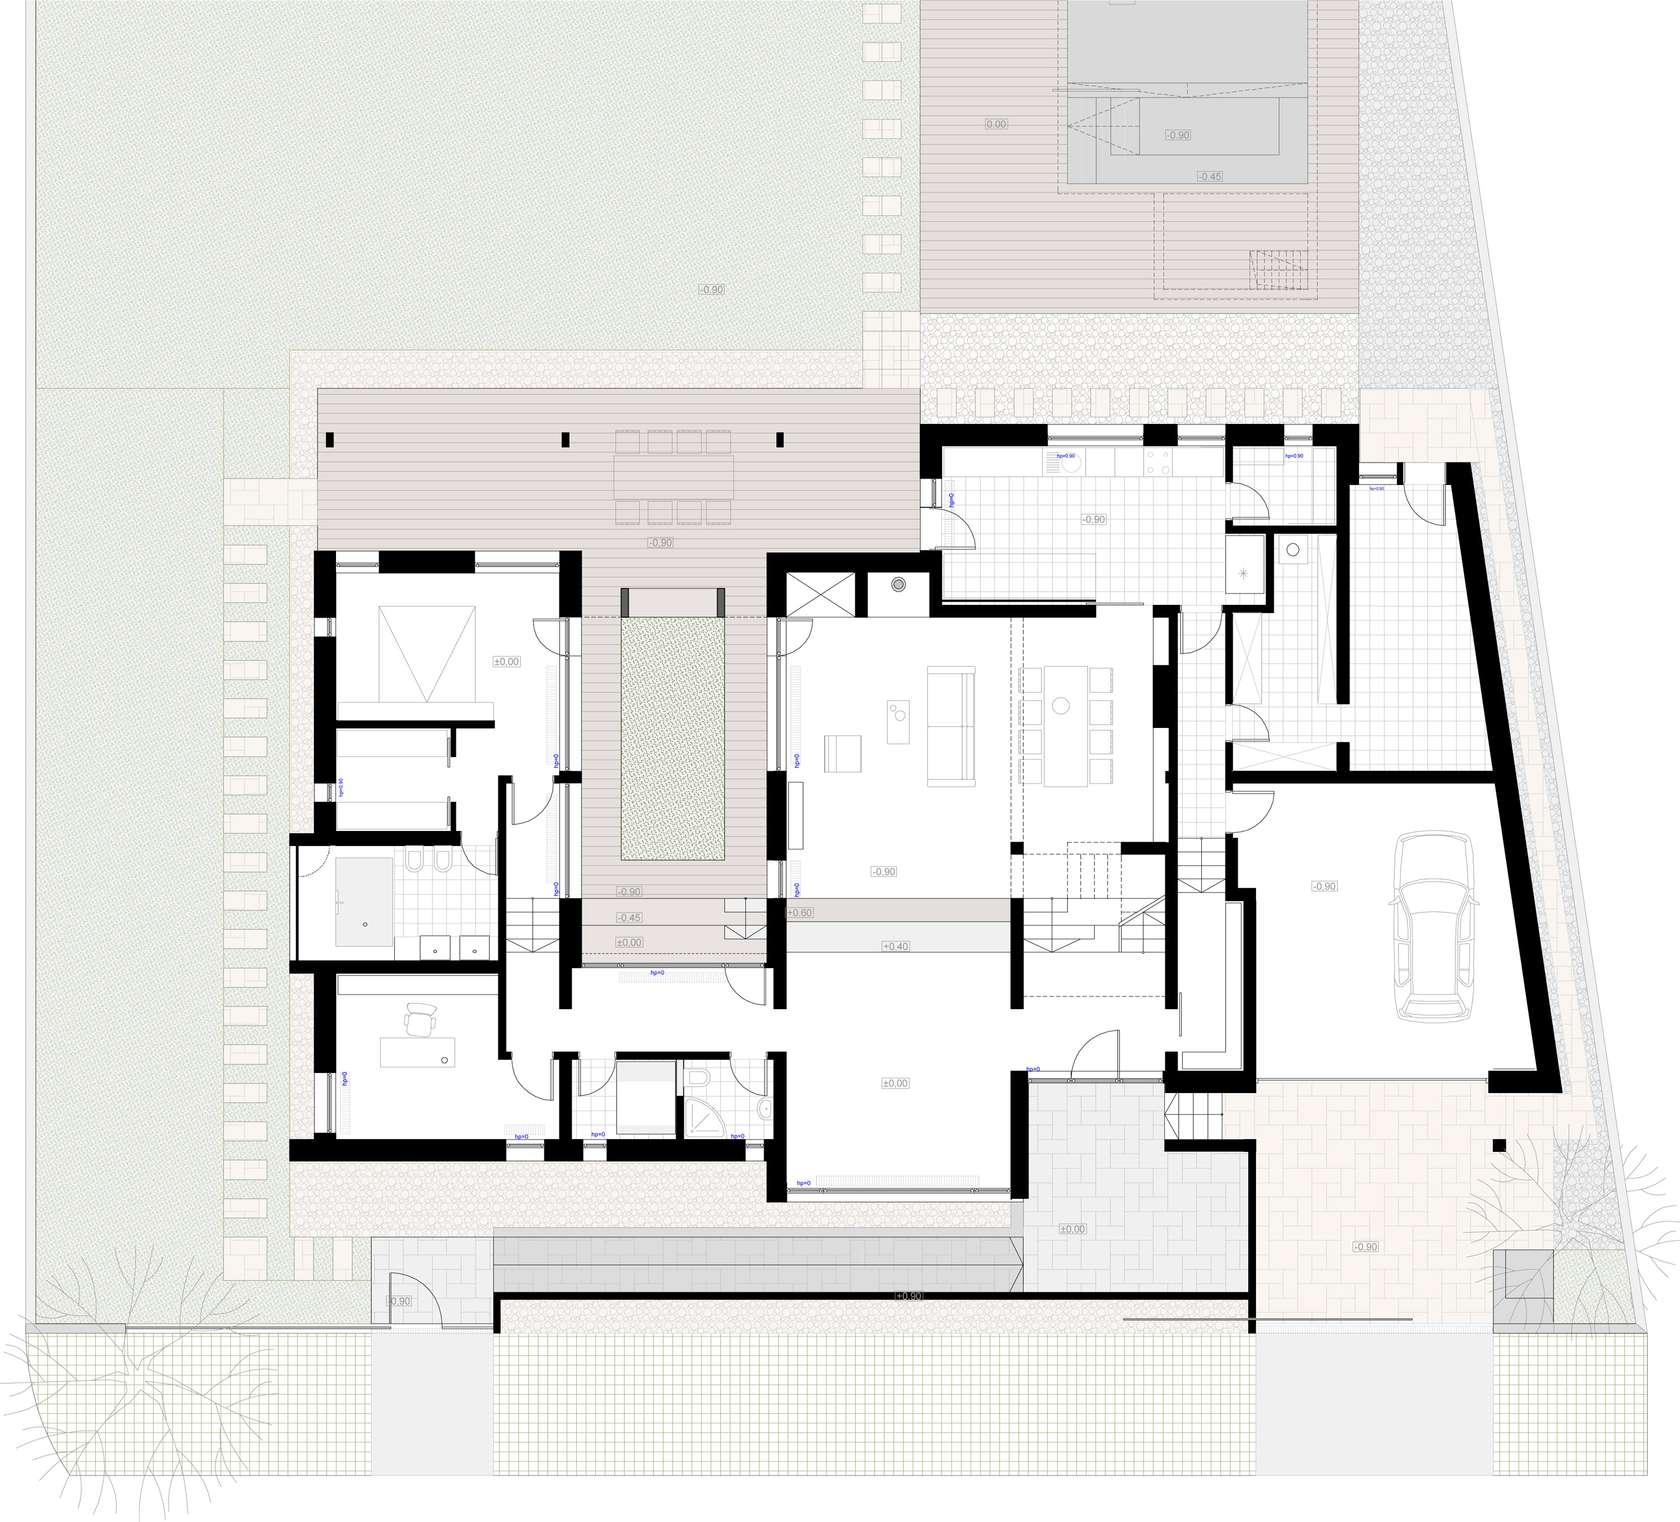 Dise o de casa moderna de dos pisos fachadas y planos Planos interiores de casas modernas